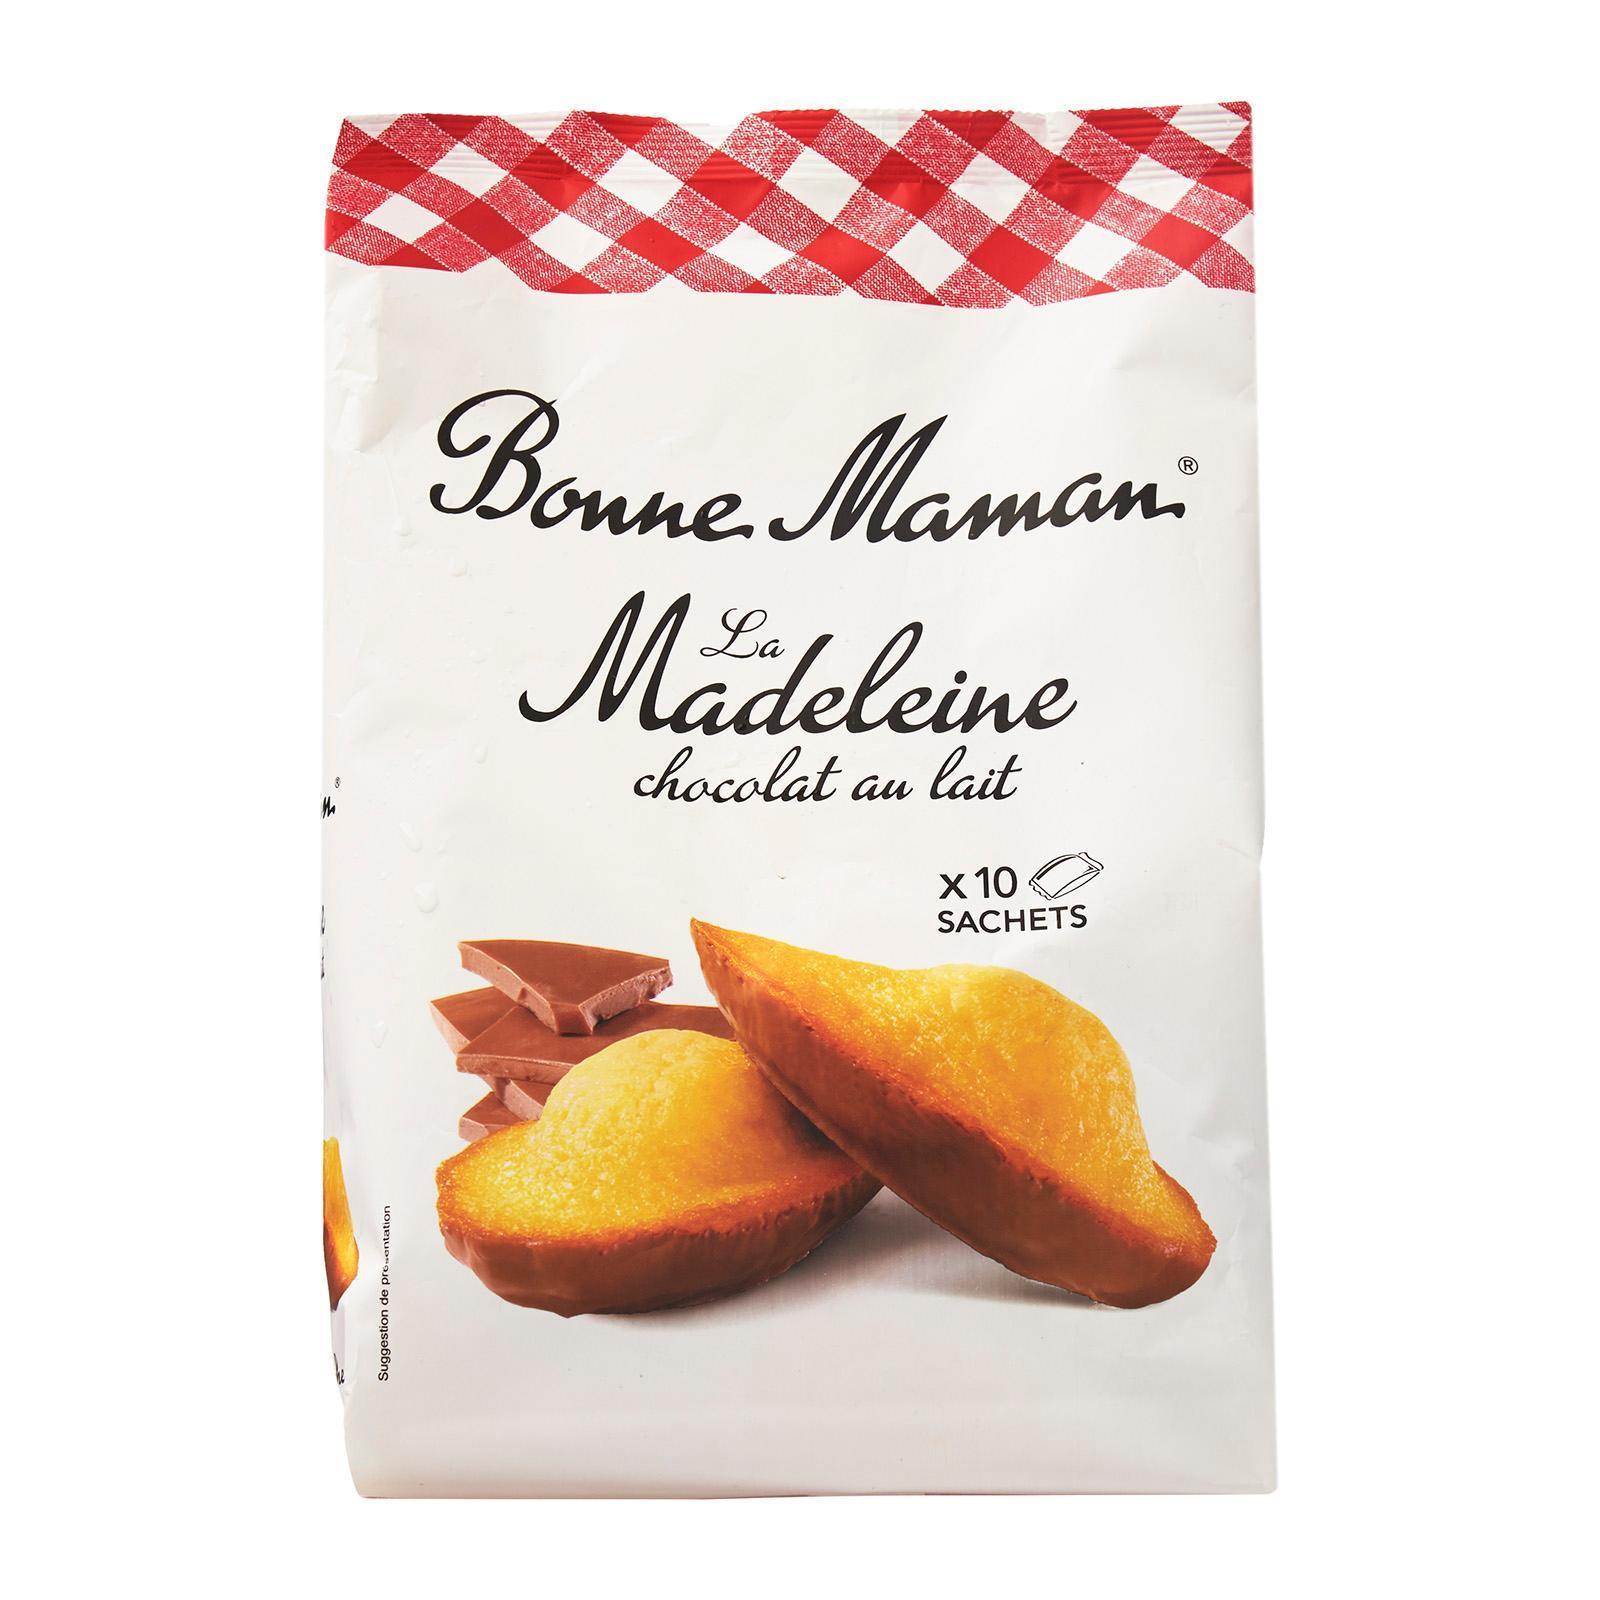 Bonne Maman Chocolat Au Lait - Milk Chocolate Madeleines By Redmart.